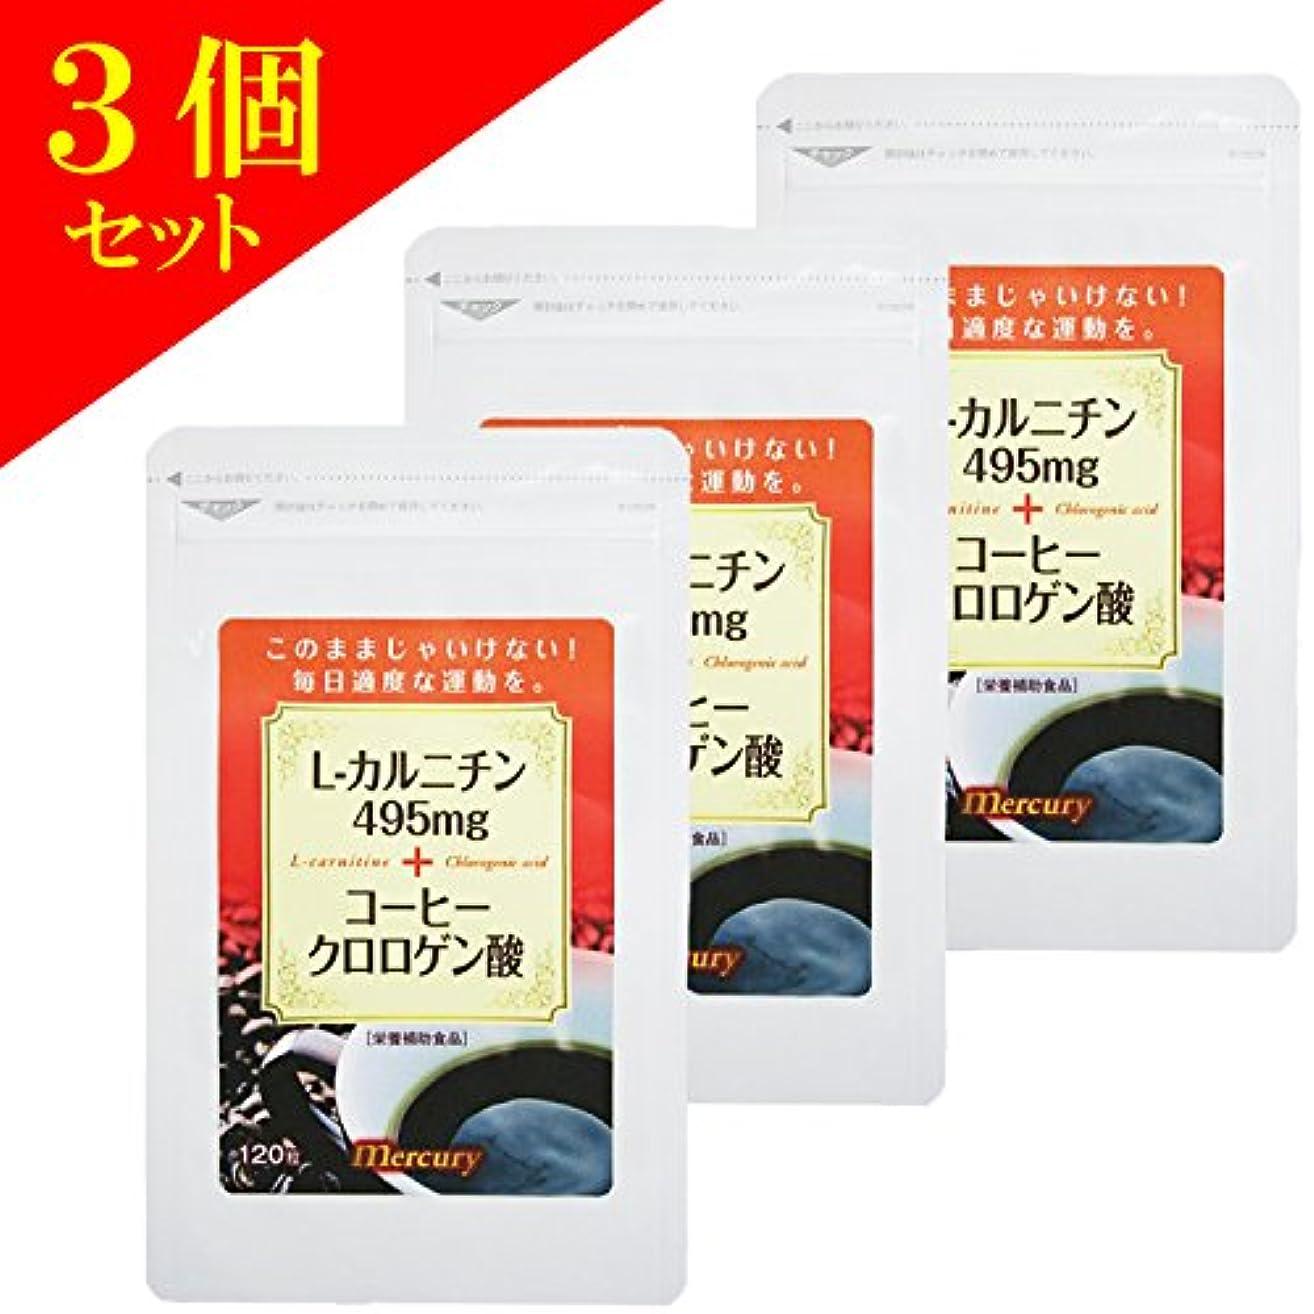 師匠まだ麦芽(3個)マーキュリー L-カルニチン495mg+コーヒークロロゲン酸 120粒×3個セット(4947041355859)